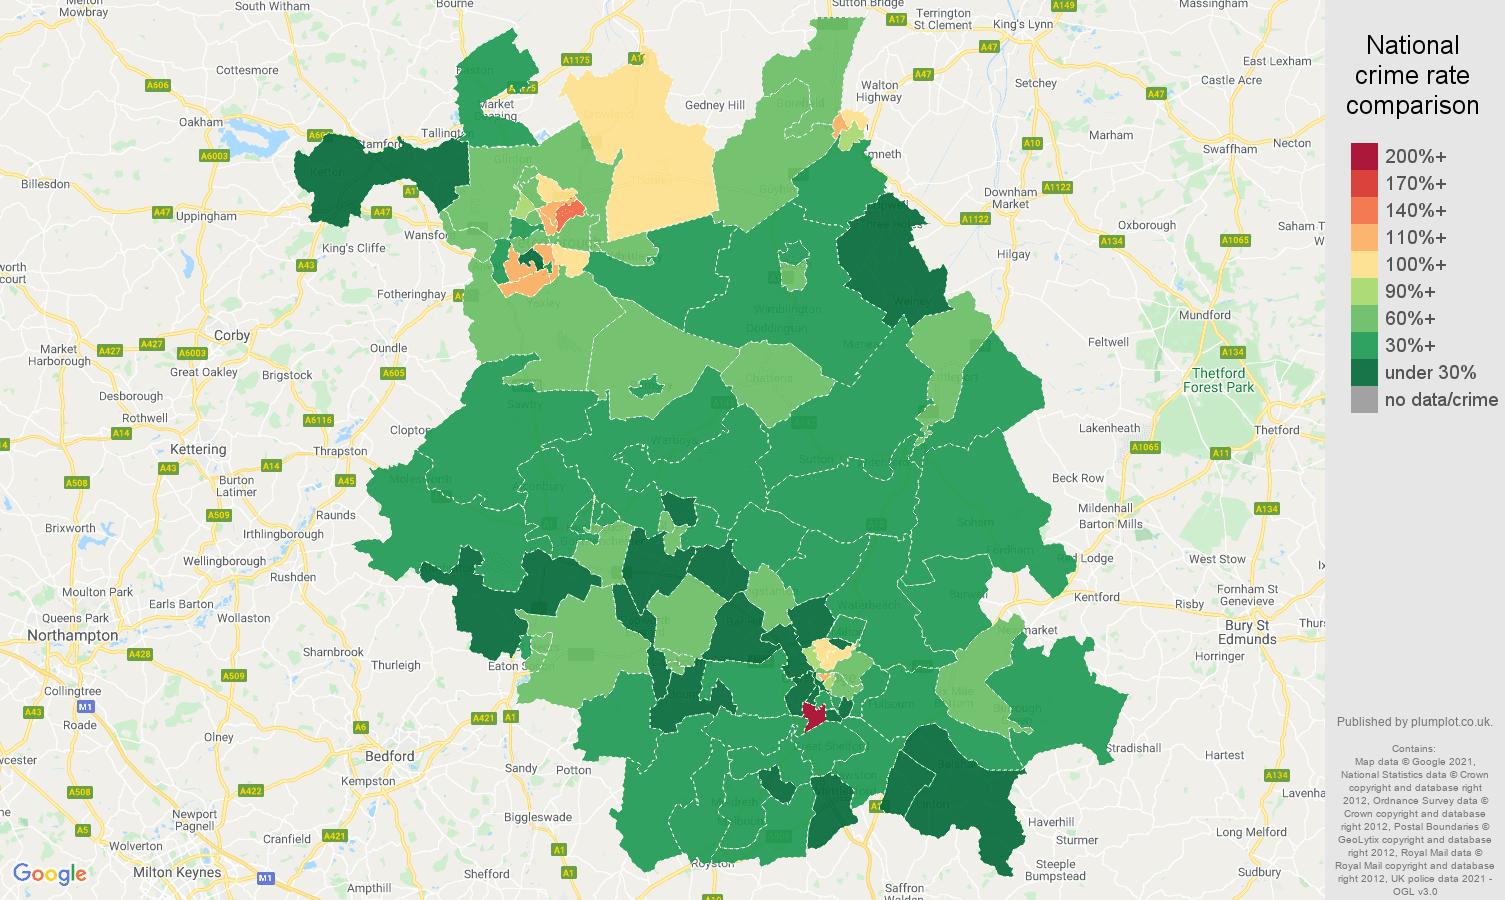 Cambridgeshire antisocial behaviour crime rate comparison map